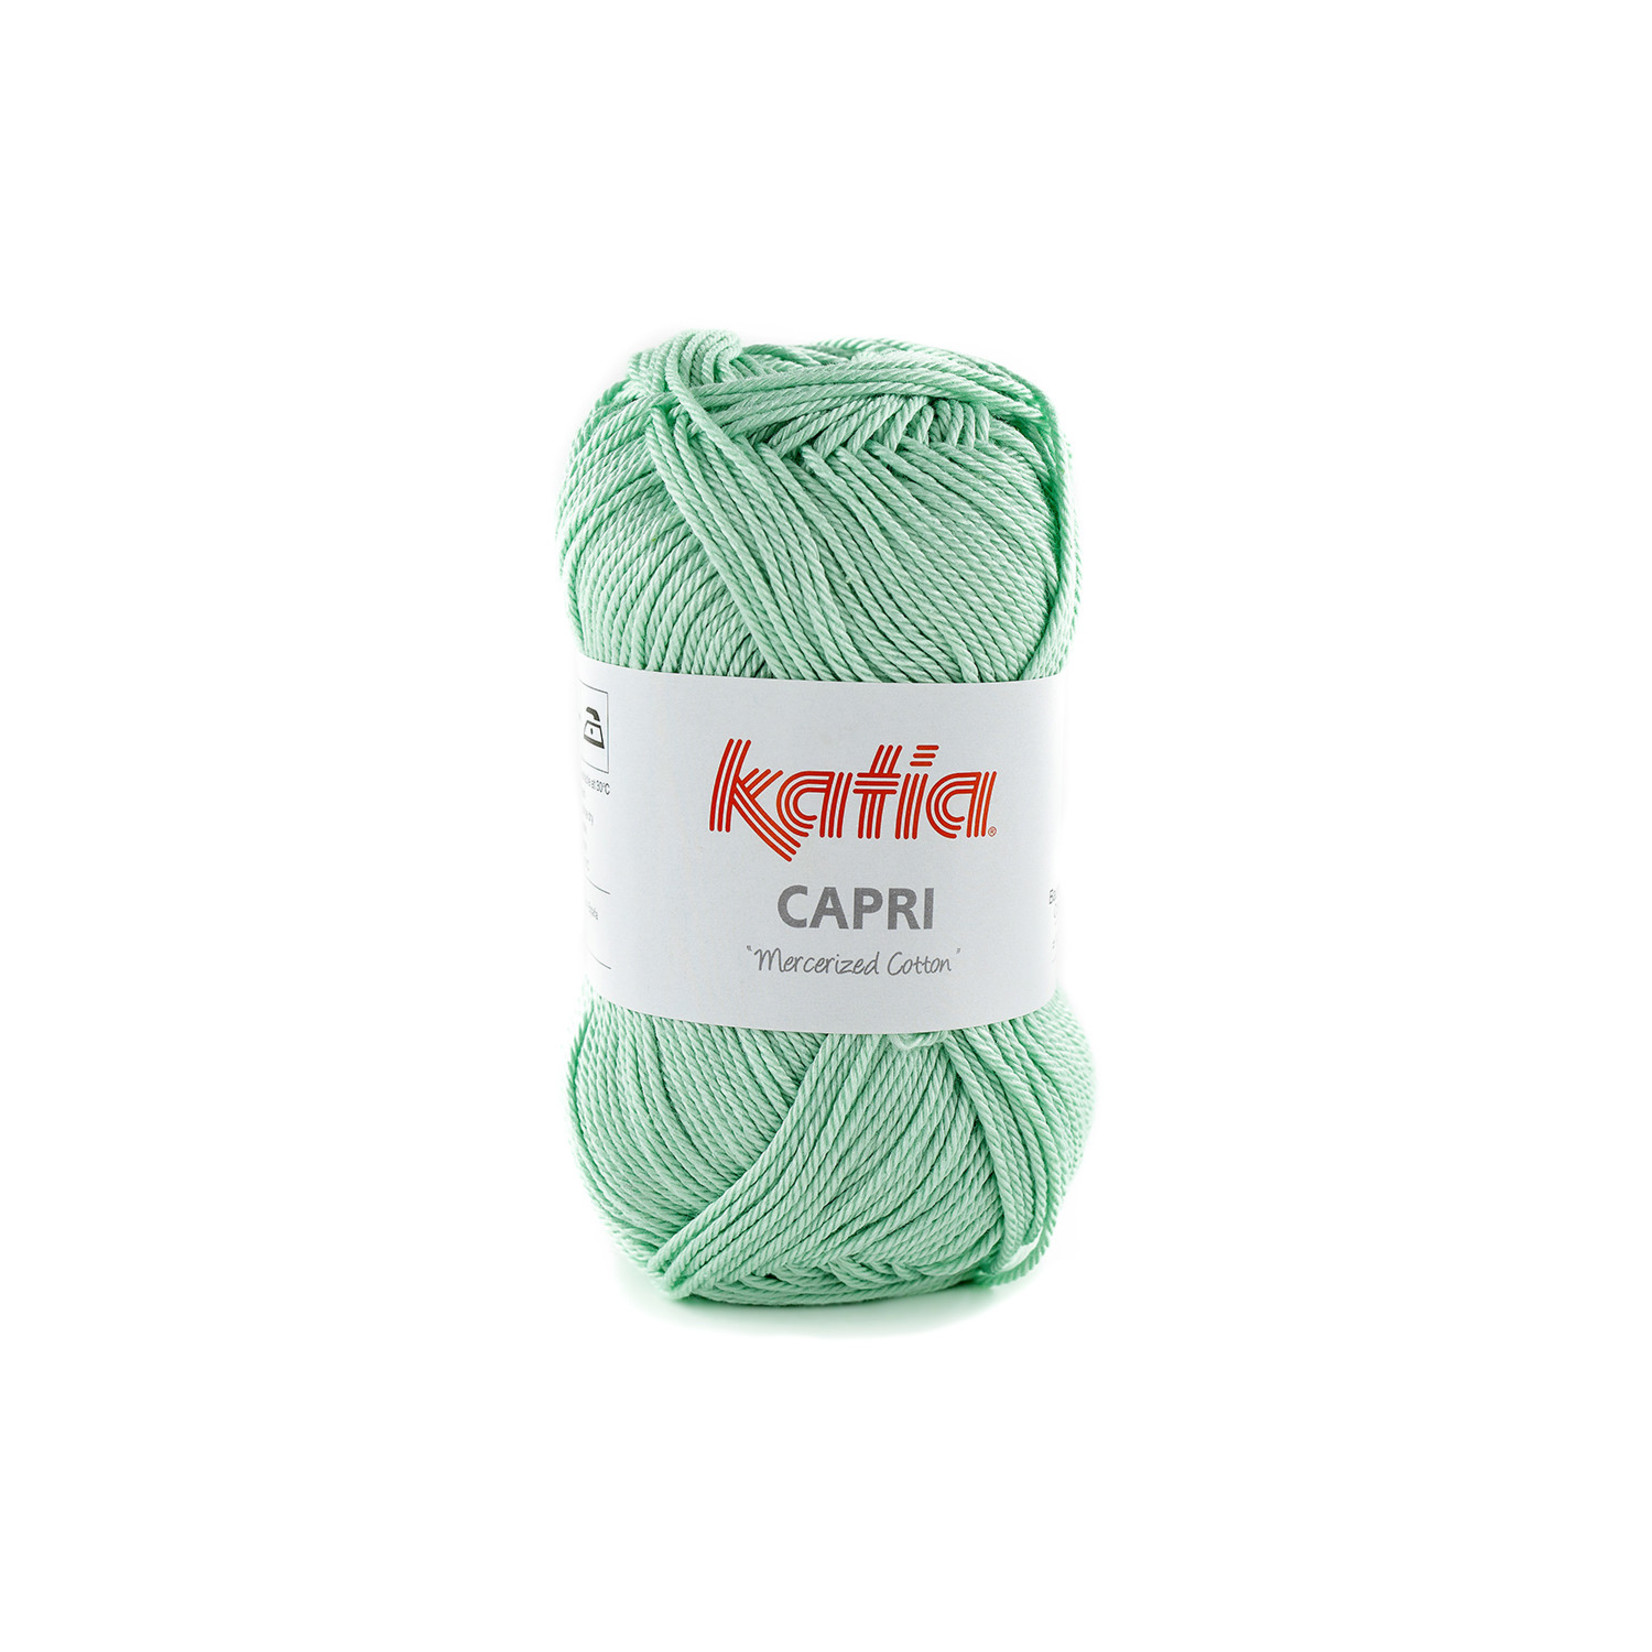 Katia Katia Capri - kleur 174 Witgroen - 50 gr. = 125 m. - 100% katoen